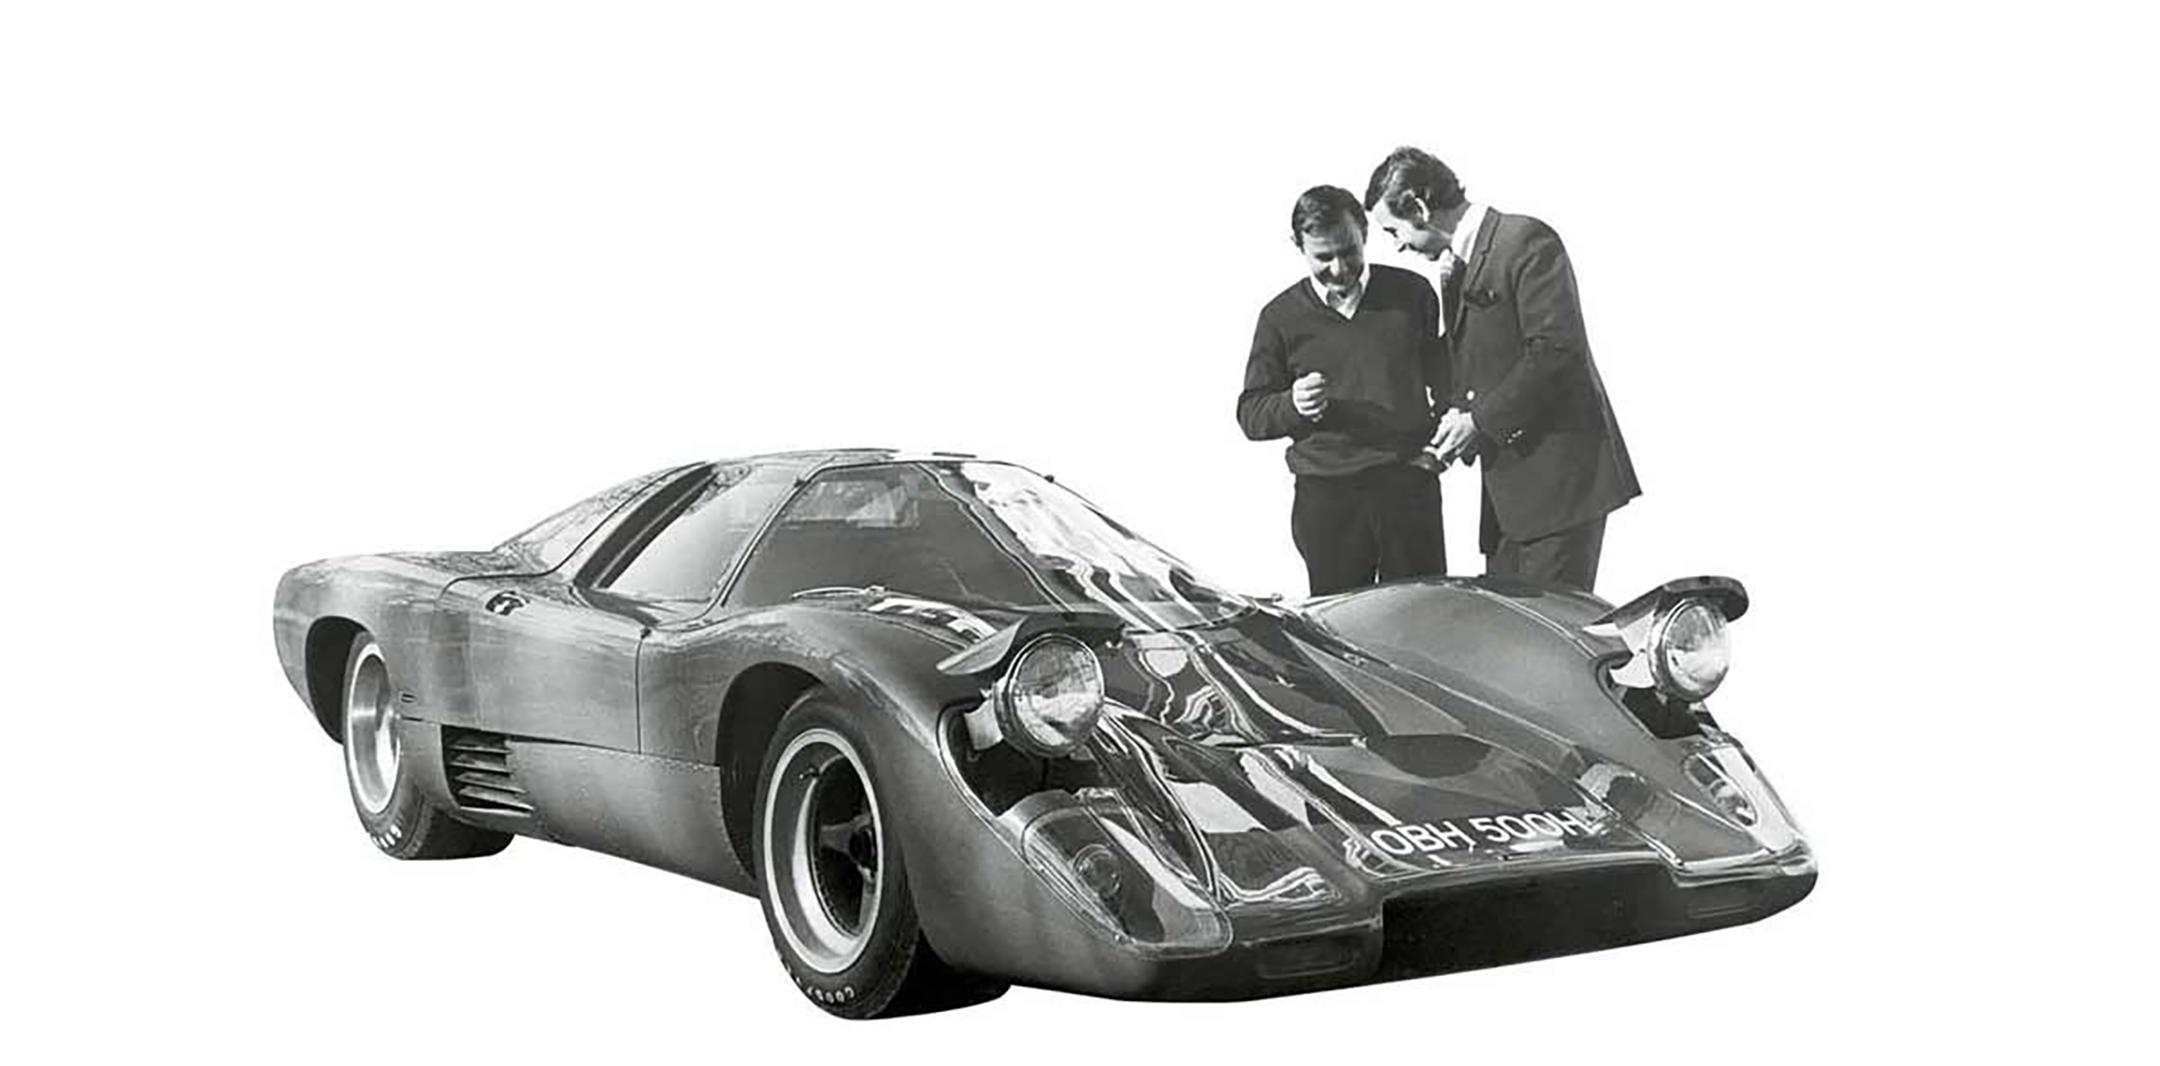 McLaren M6GT - 1968s - Bruce McLaren - photo via McLaren Automotive